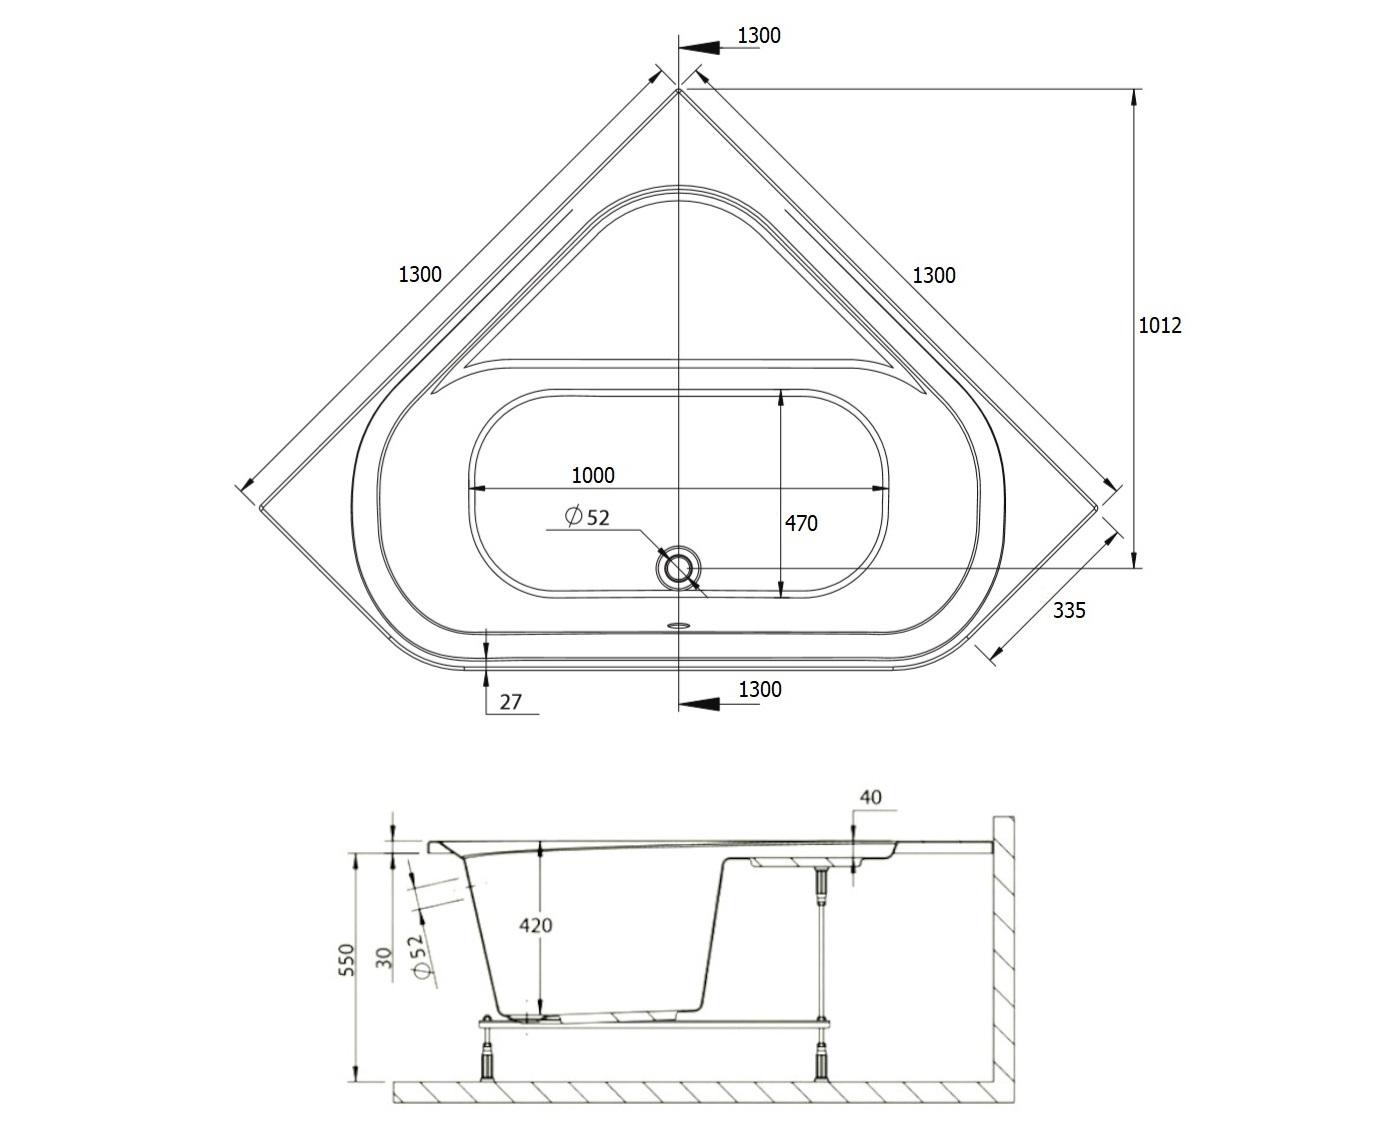 badewanne wanne acryl eckwanne eckig 130 x 130 cm ohne mit wannentr ger ablauf d ebay. Black Bedroom Furniture Sets. Home Design Ideas